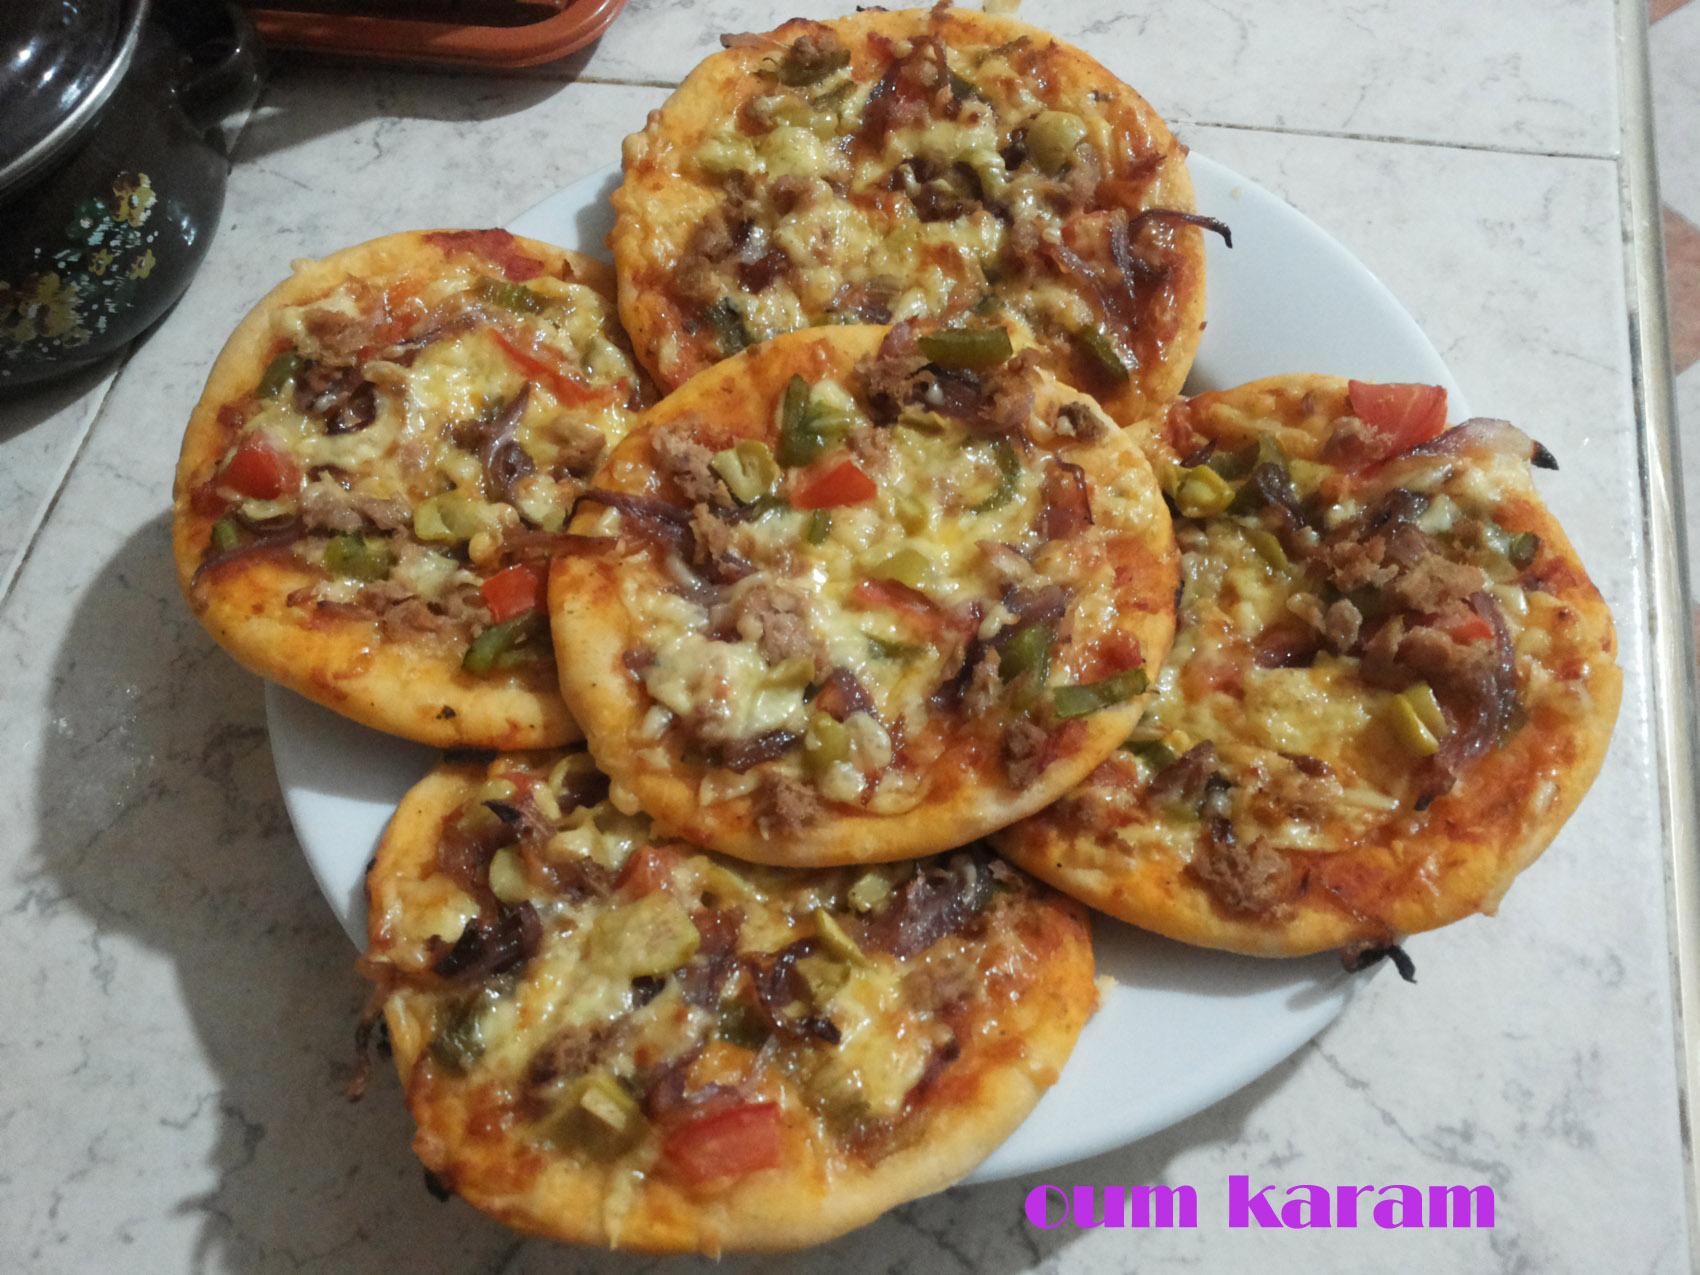 صوره شهيوات رمضان سهلة ورخيصة , فطائر تركية لذيذة لشهوات رمضان